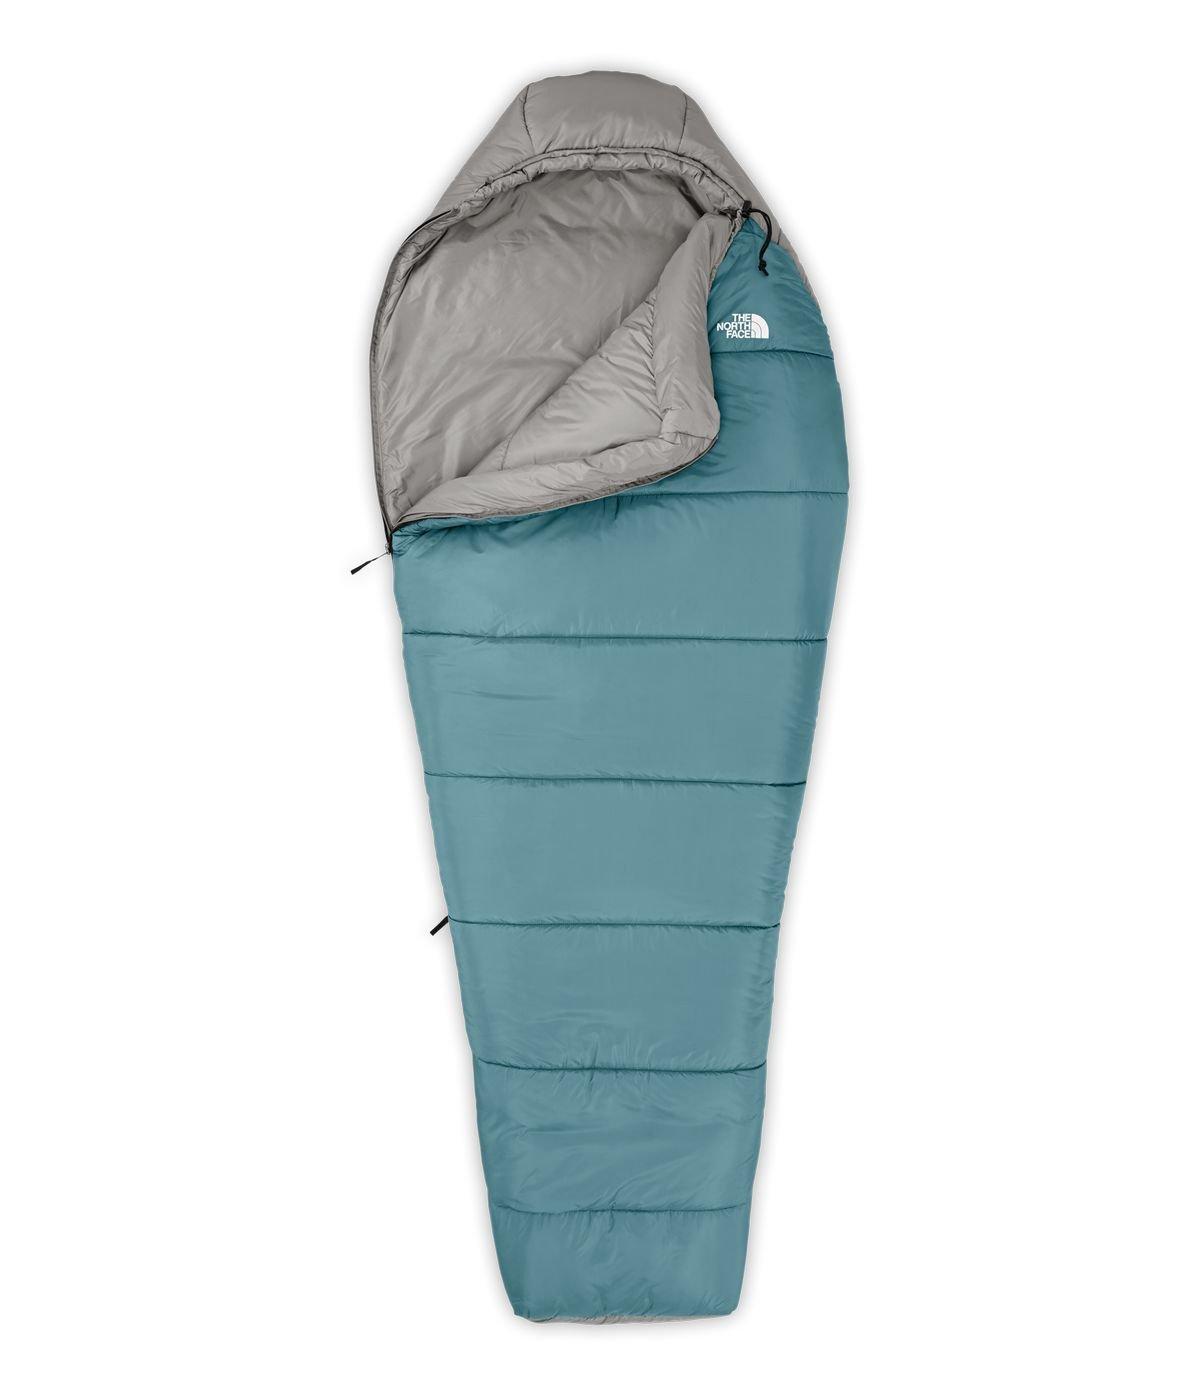 The North Face Wasatch 20 F/-7 C Saco de Dormir - CE75-LR, Aegean Blue/Zinc Grey: Amazon.es: Deportes y aire libre